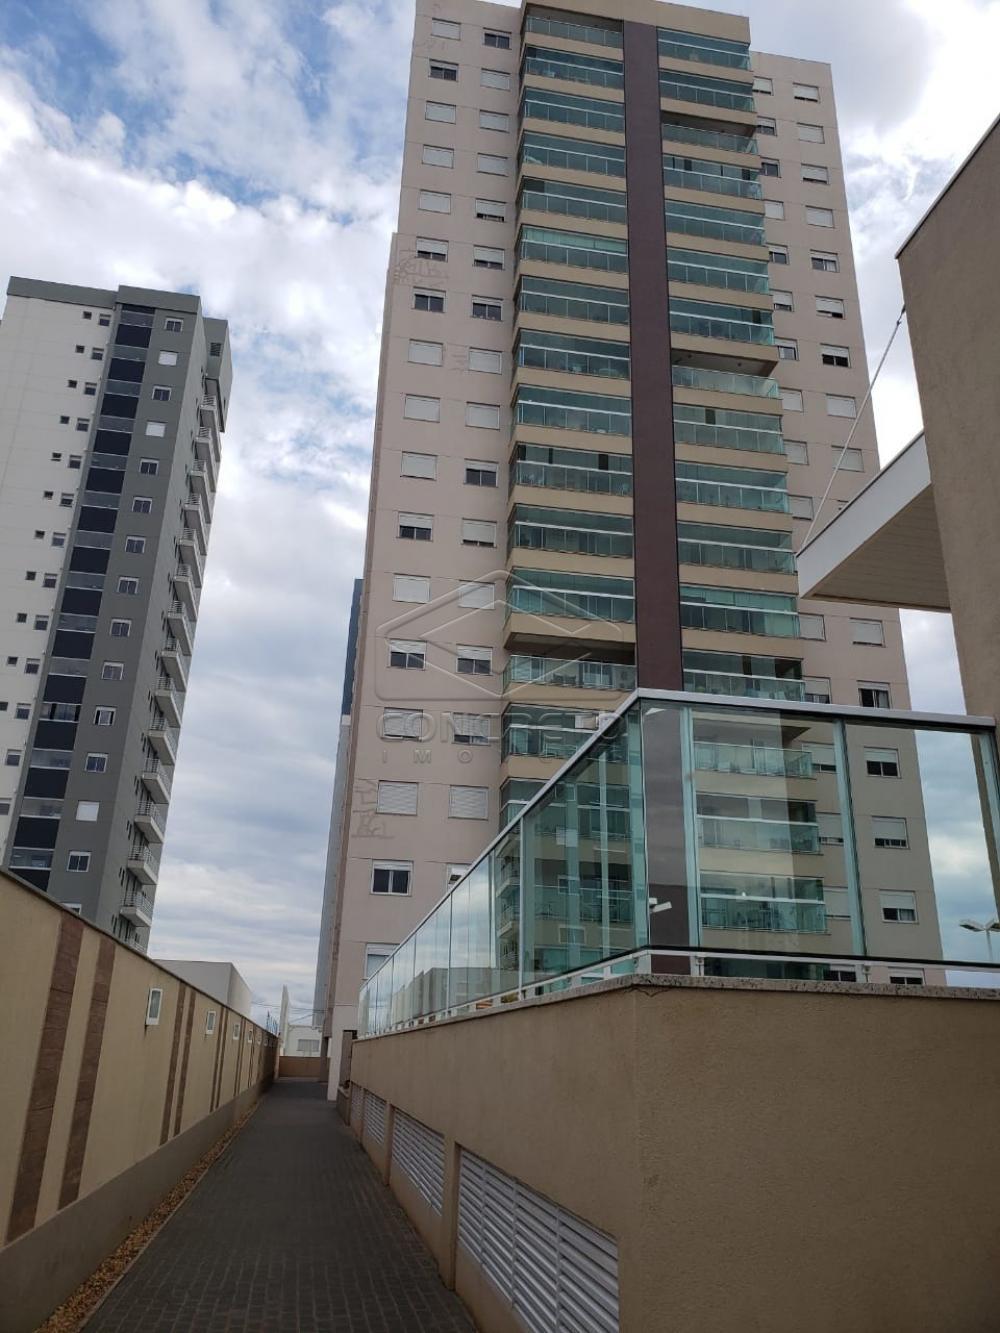 Comprar Apartamento / Padrão em Bauru R$ 650.000,00 - Foto 5